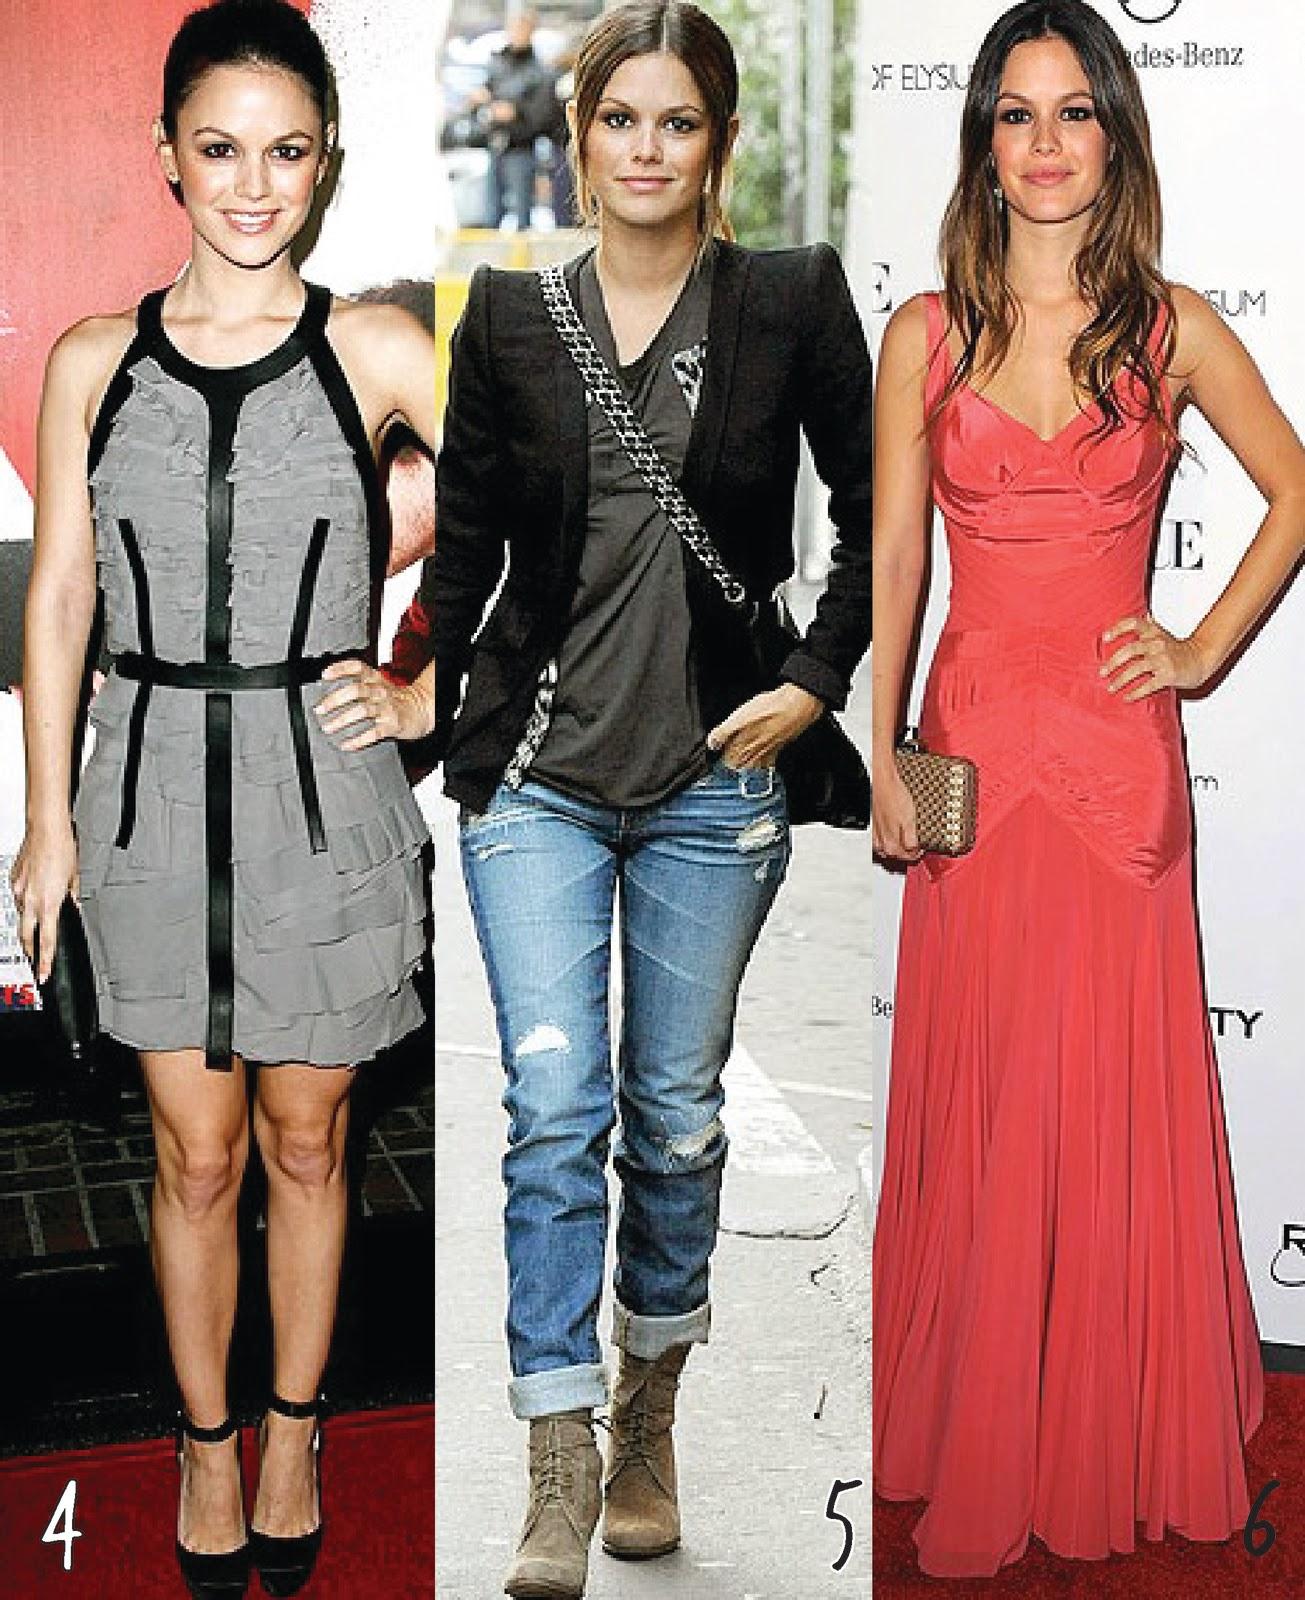 http://1.bp.blogspot.com/-1rGXD1sbSkI/ToSvYjXBNVI/AAAAAAAAB2U/2sj6SA1sxWA/s1600/Rachel+Bilson+2.jpg